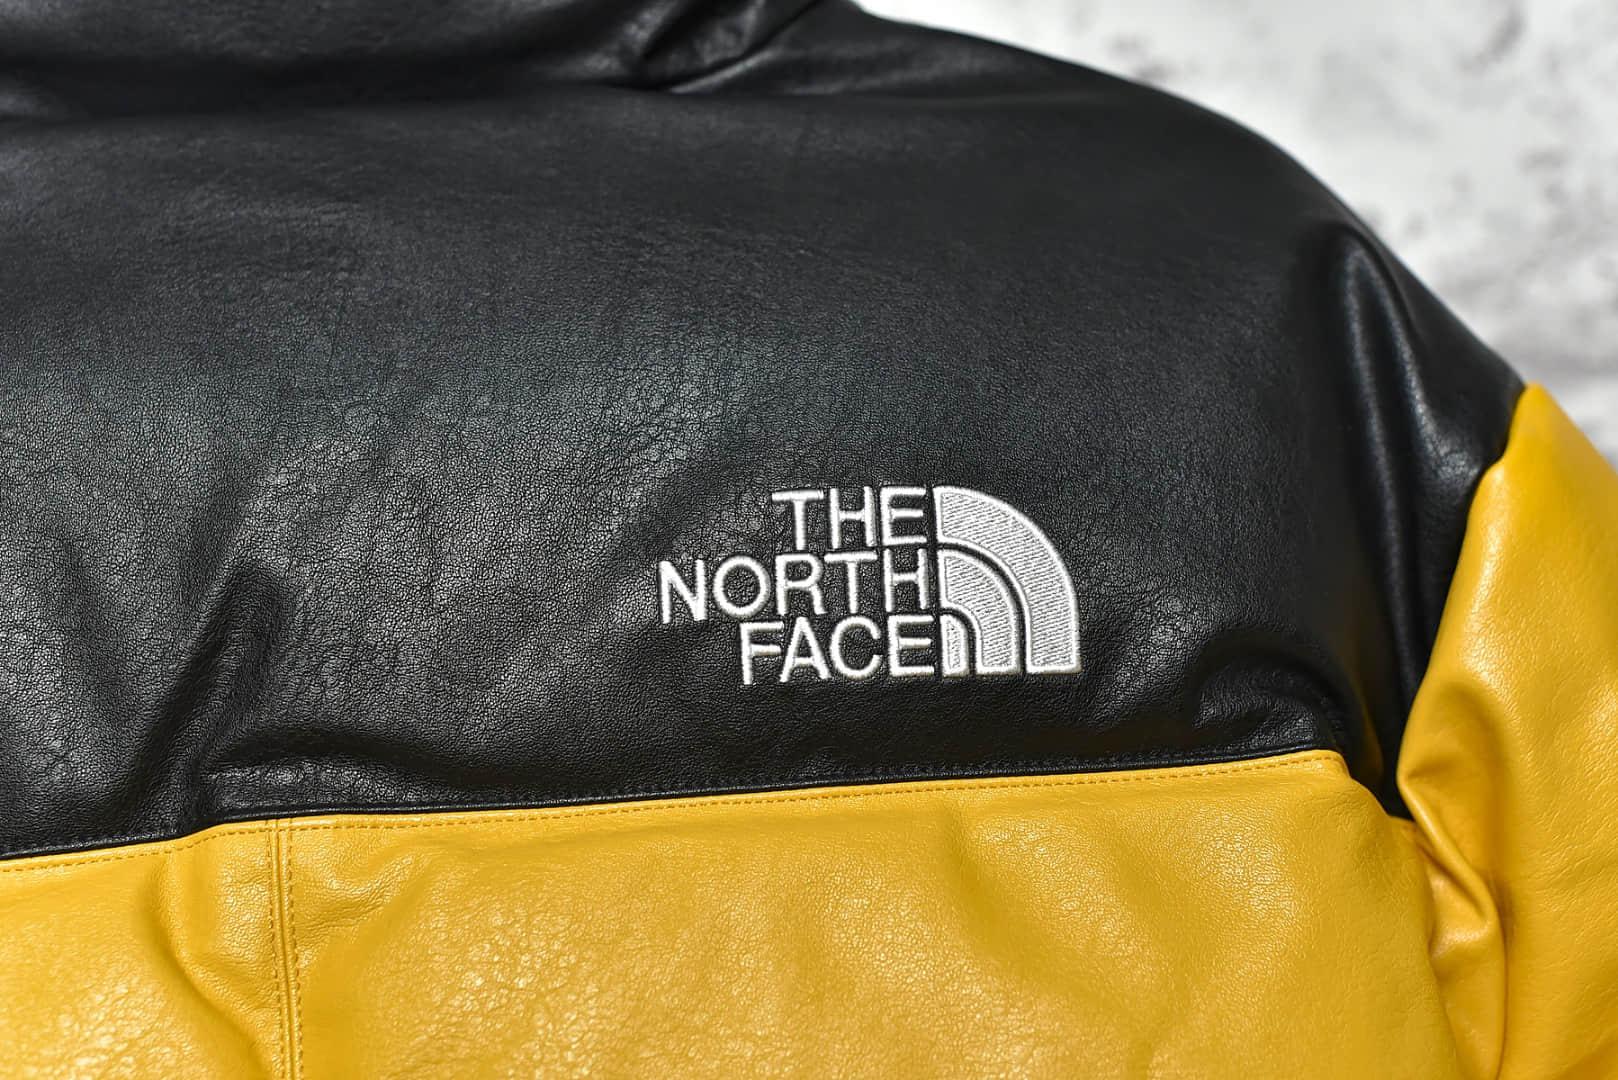 北面supreme联名款黄黑羽绒服 Supreme x The North Face联名 顶级版本北面羽绒服渠道-潮流者之家